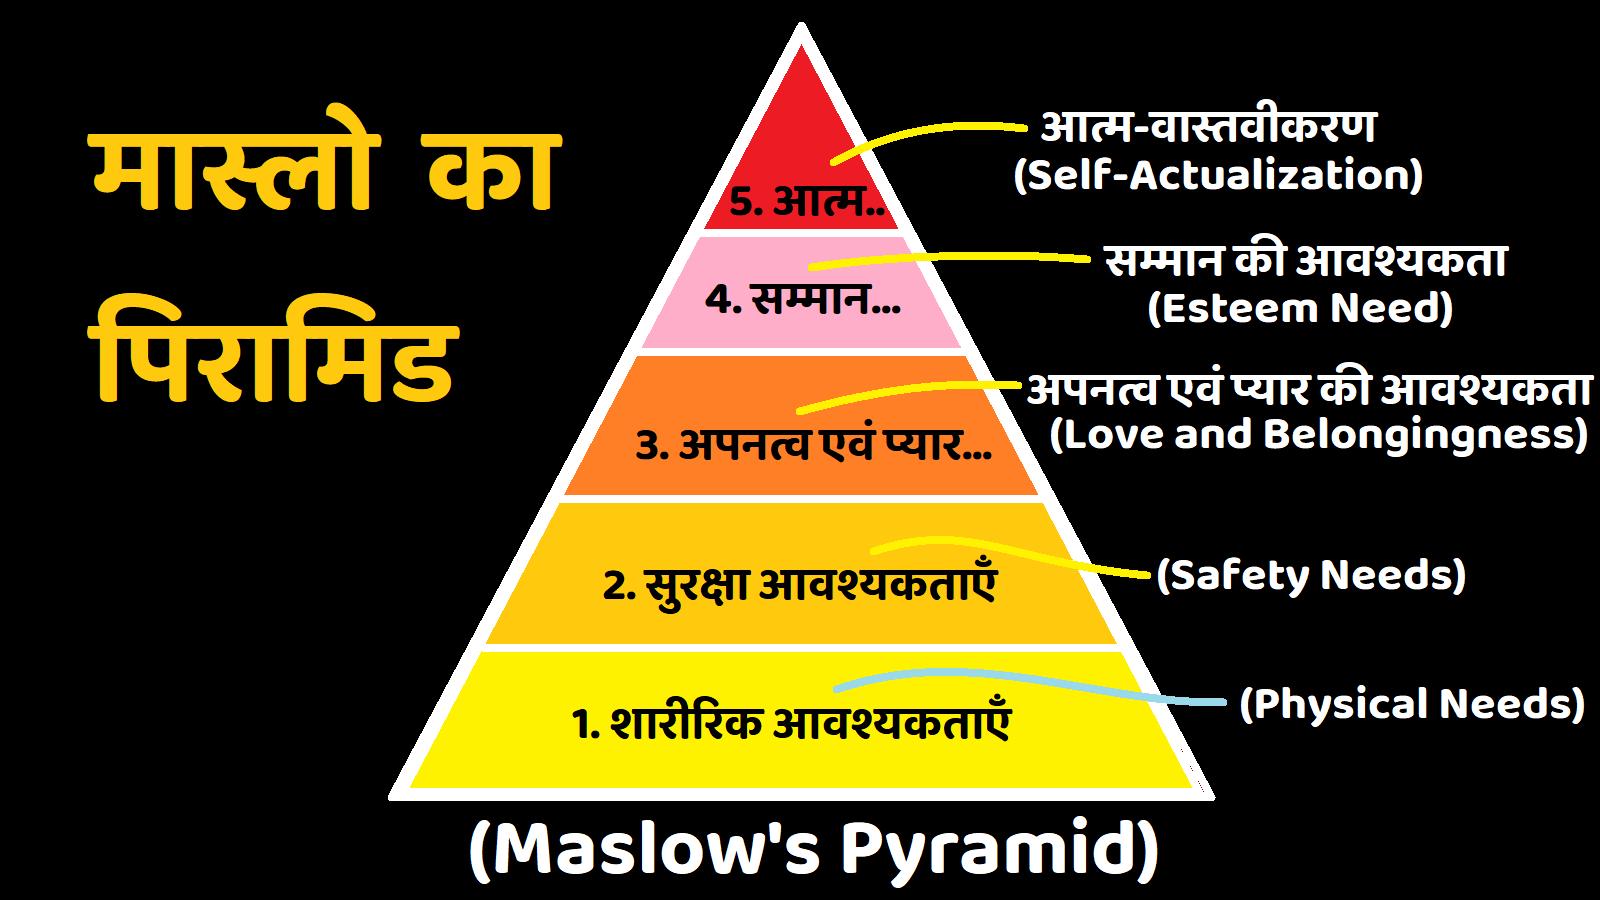 Maslow Ka Pyramid (Maslow's Pyramid)